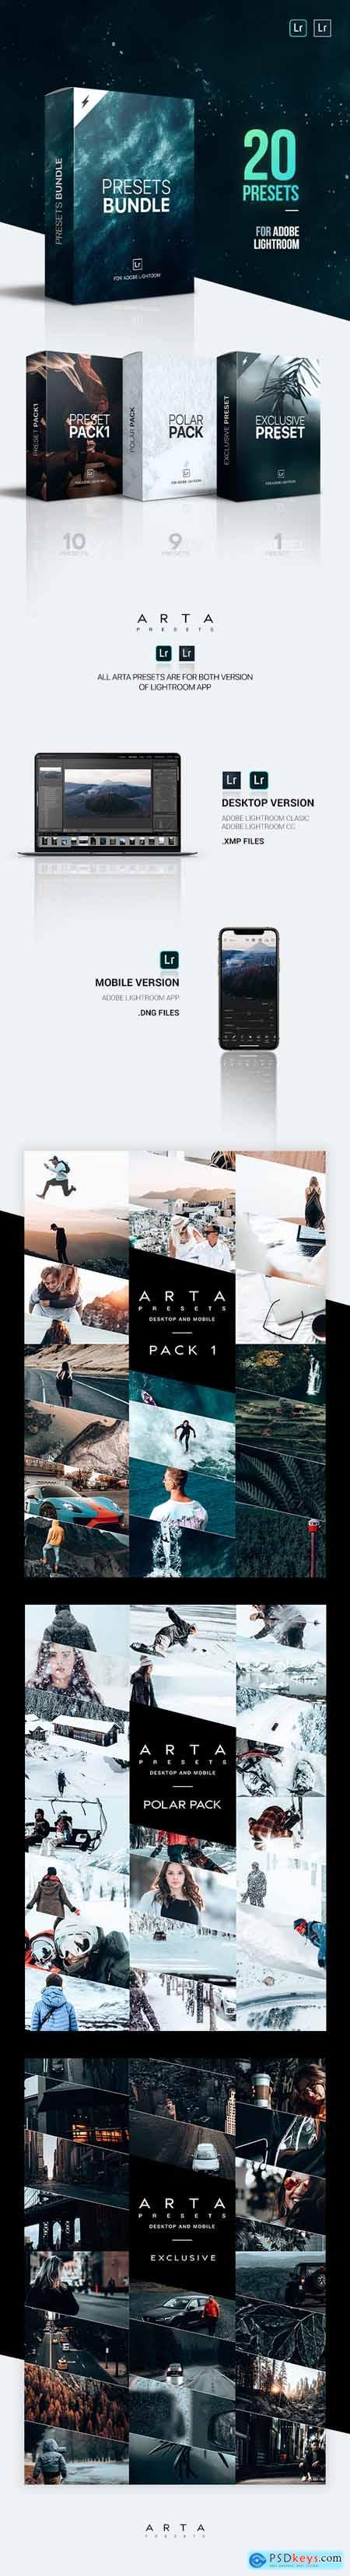 ARTA Presets Bundle For Mobile and Desktop Lightroom 25270142